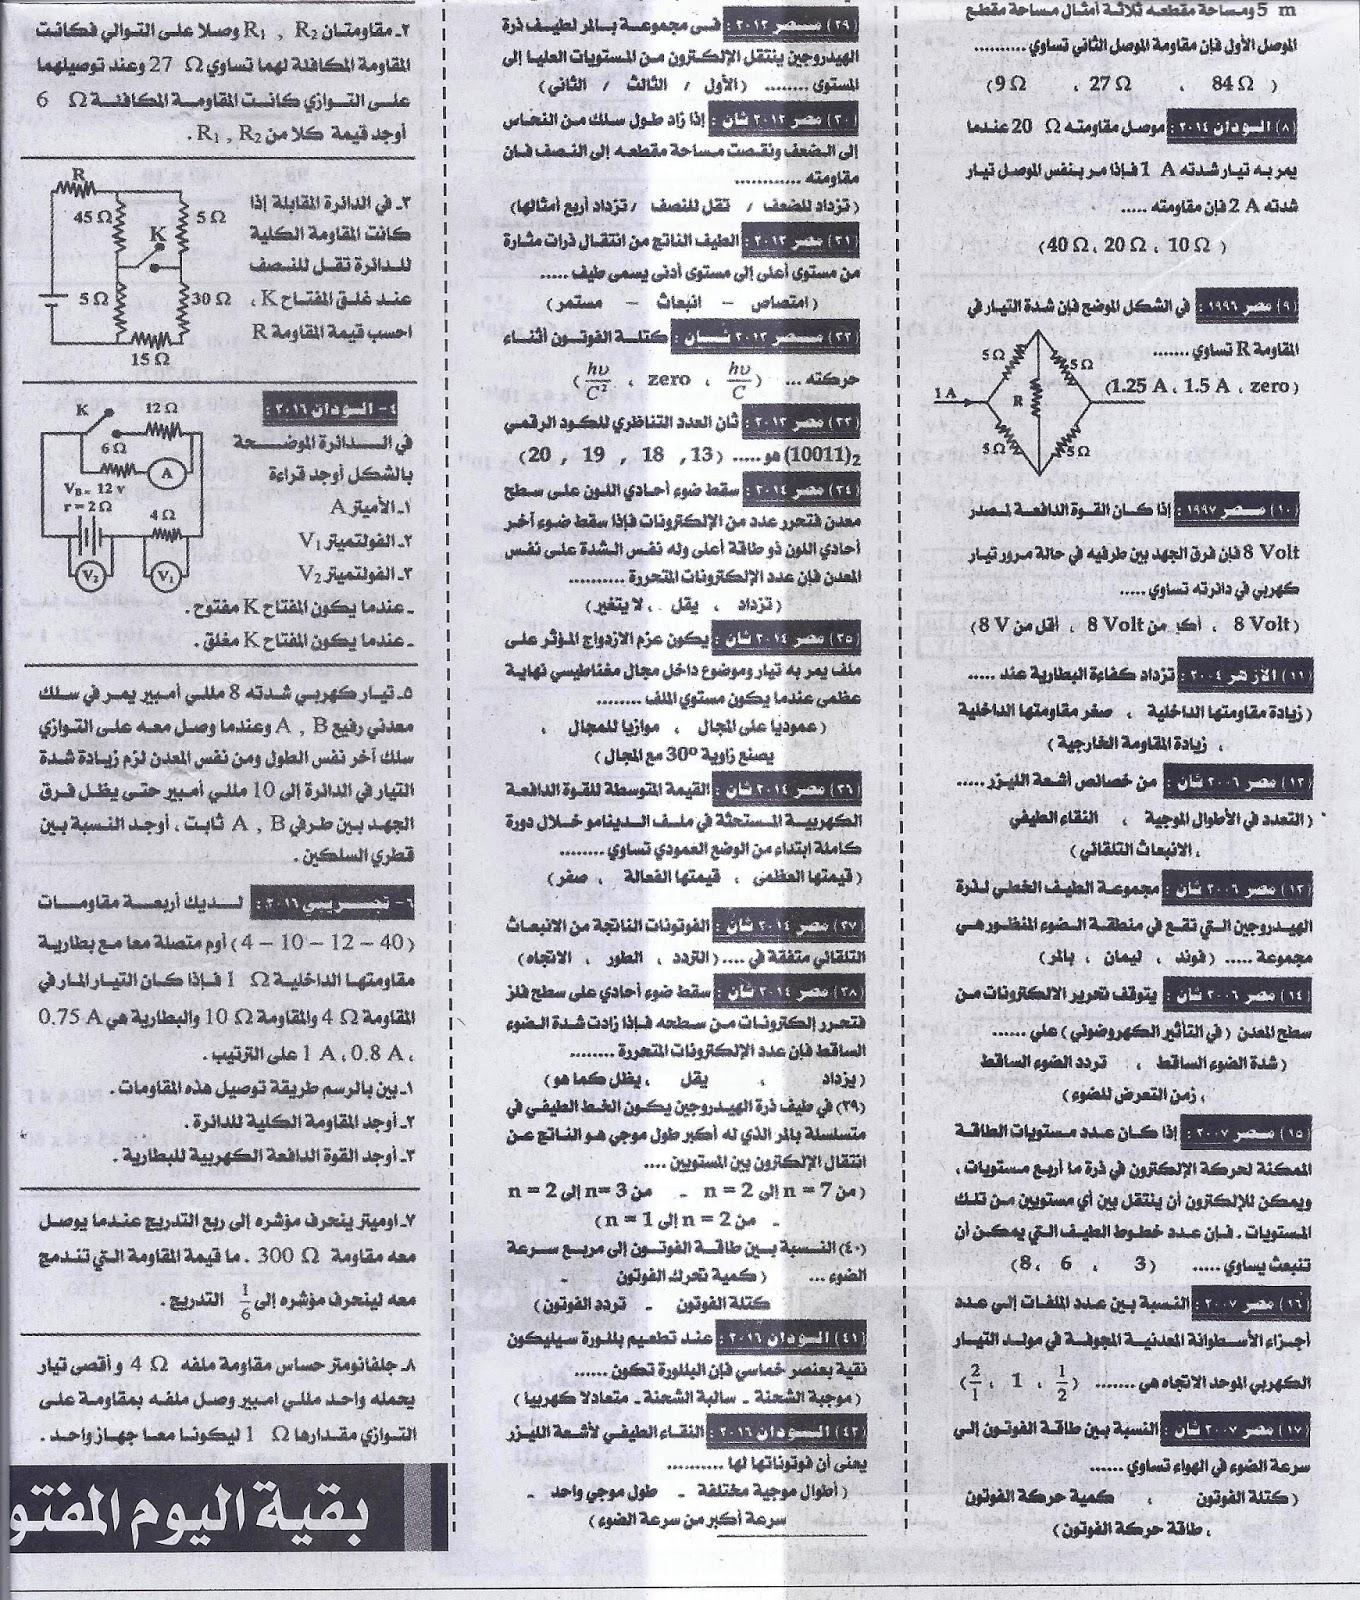 اهم مسائل الفيزياء + اهم أسئلة الاختيار من متعدد للثانوية العامة 2016 .. ملحق الجمهورية التعليمى 8